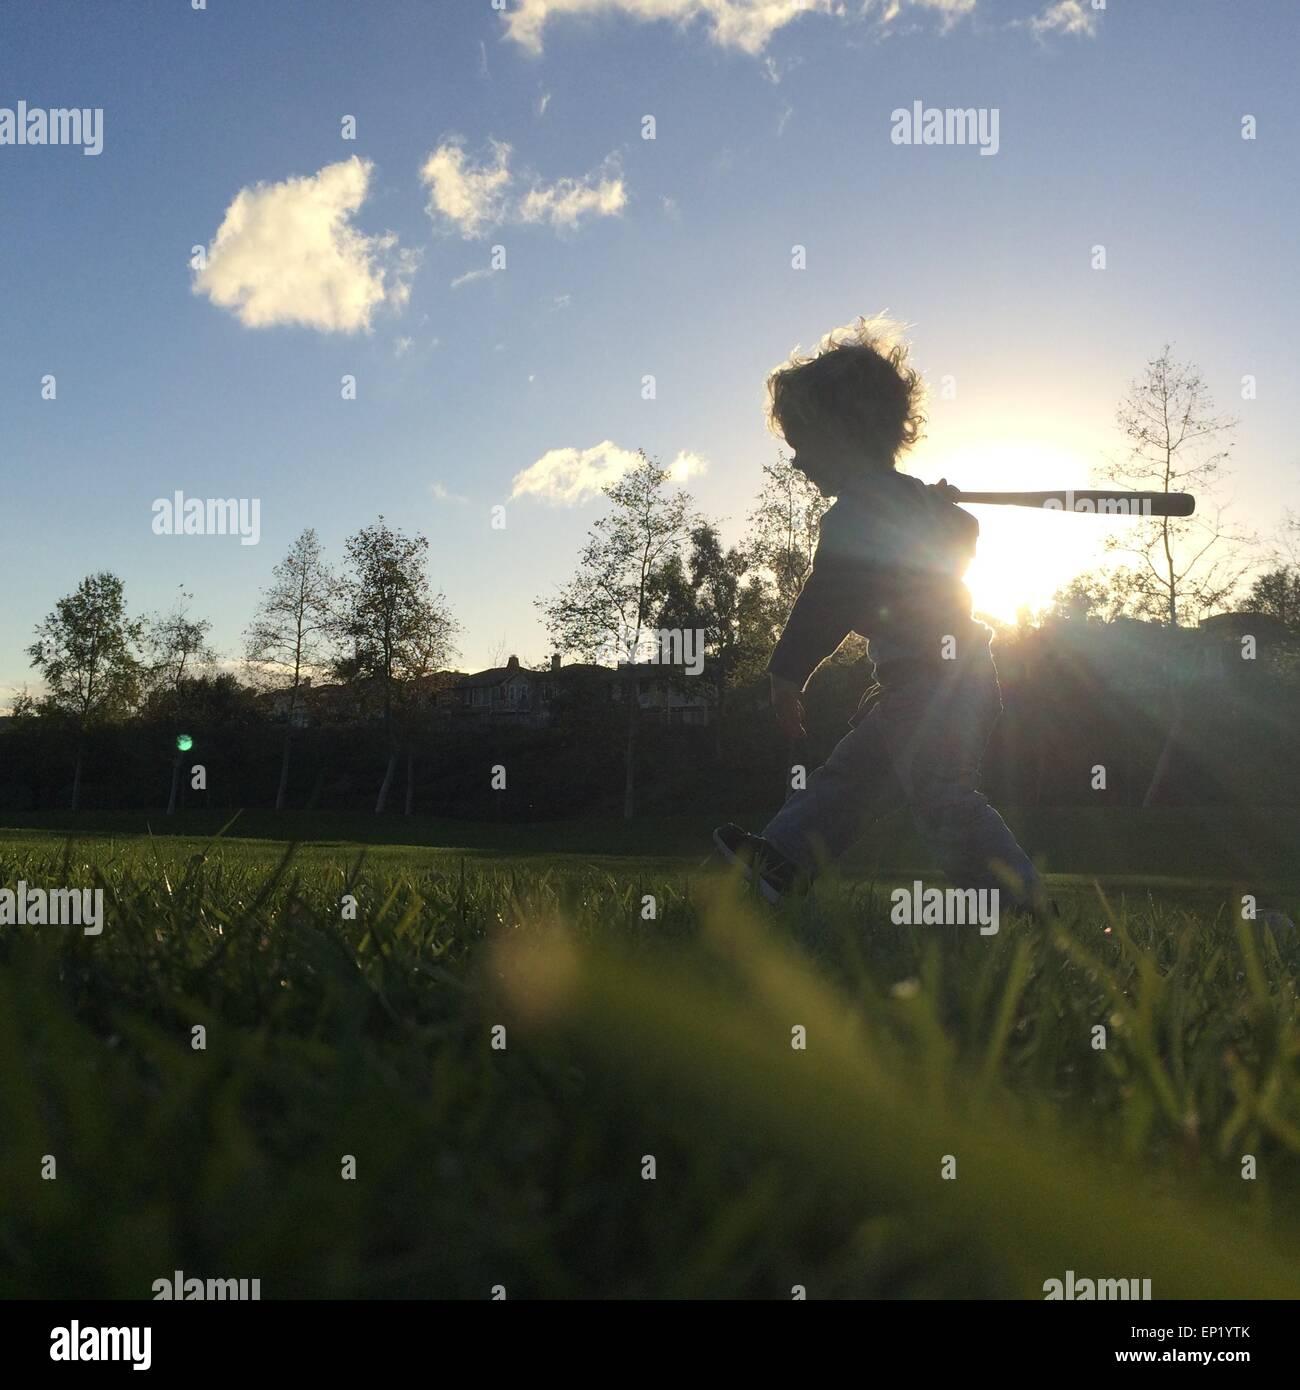 Boy Playing with baseball bat Photo Stock